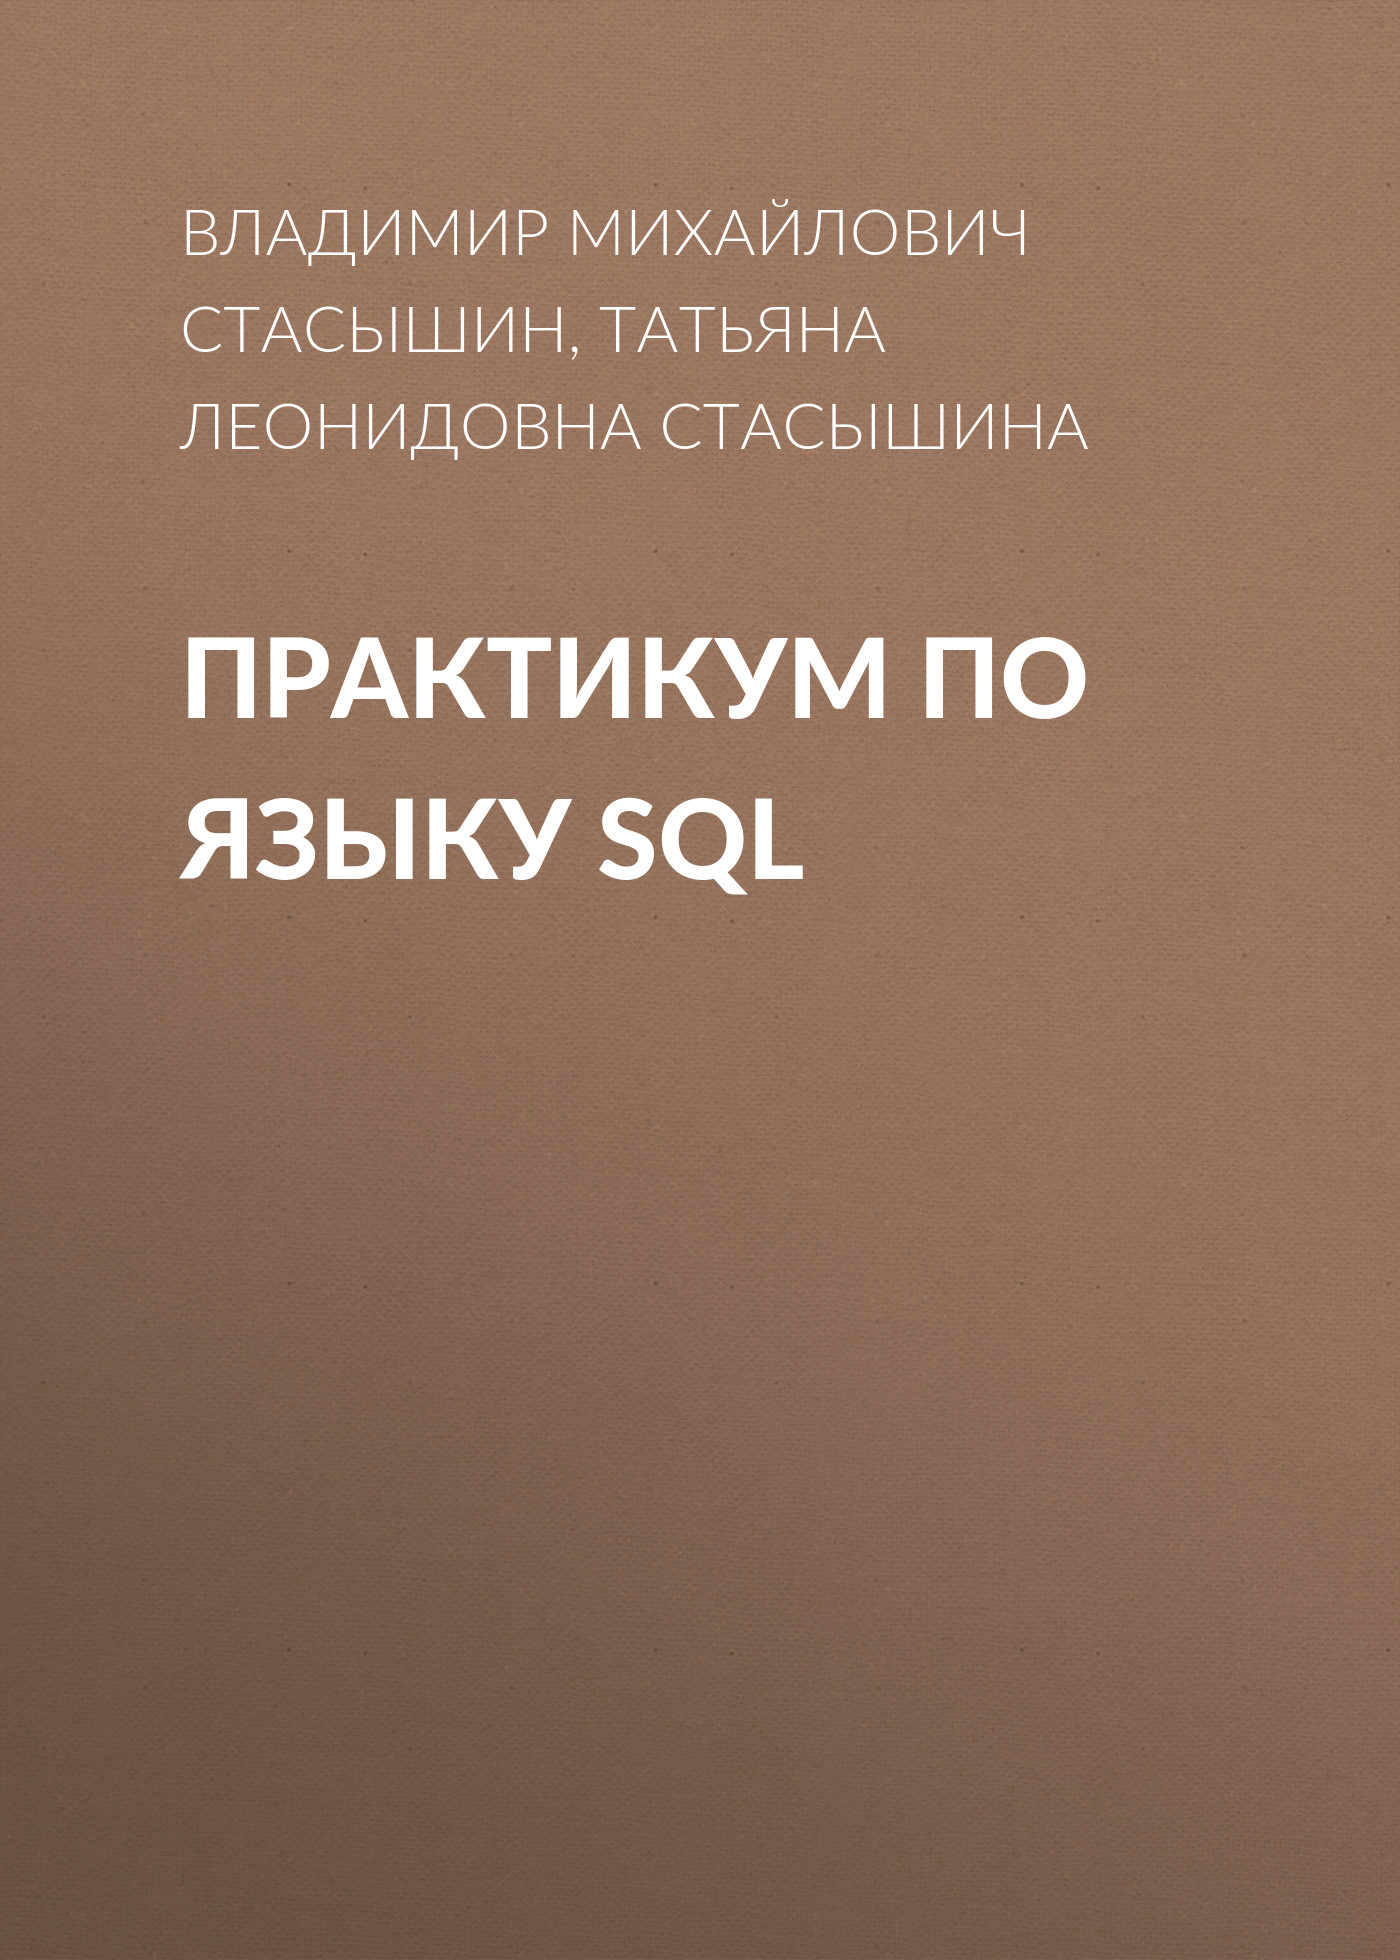 Татьяна Леонидовна Стасышина Практикум по языку SQL татьяна леонидовна стасышина практикум по языку sql